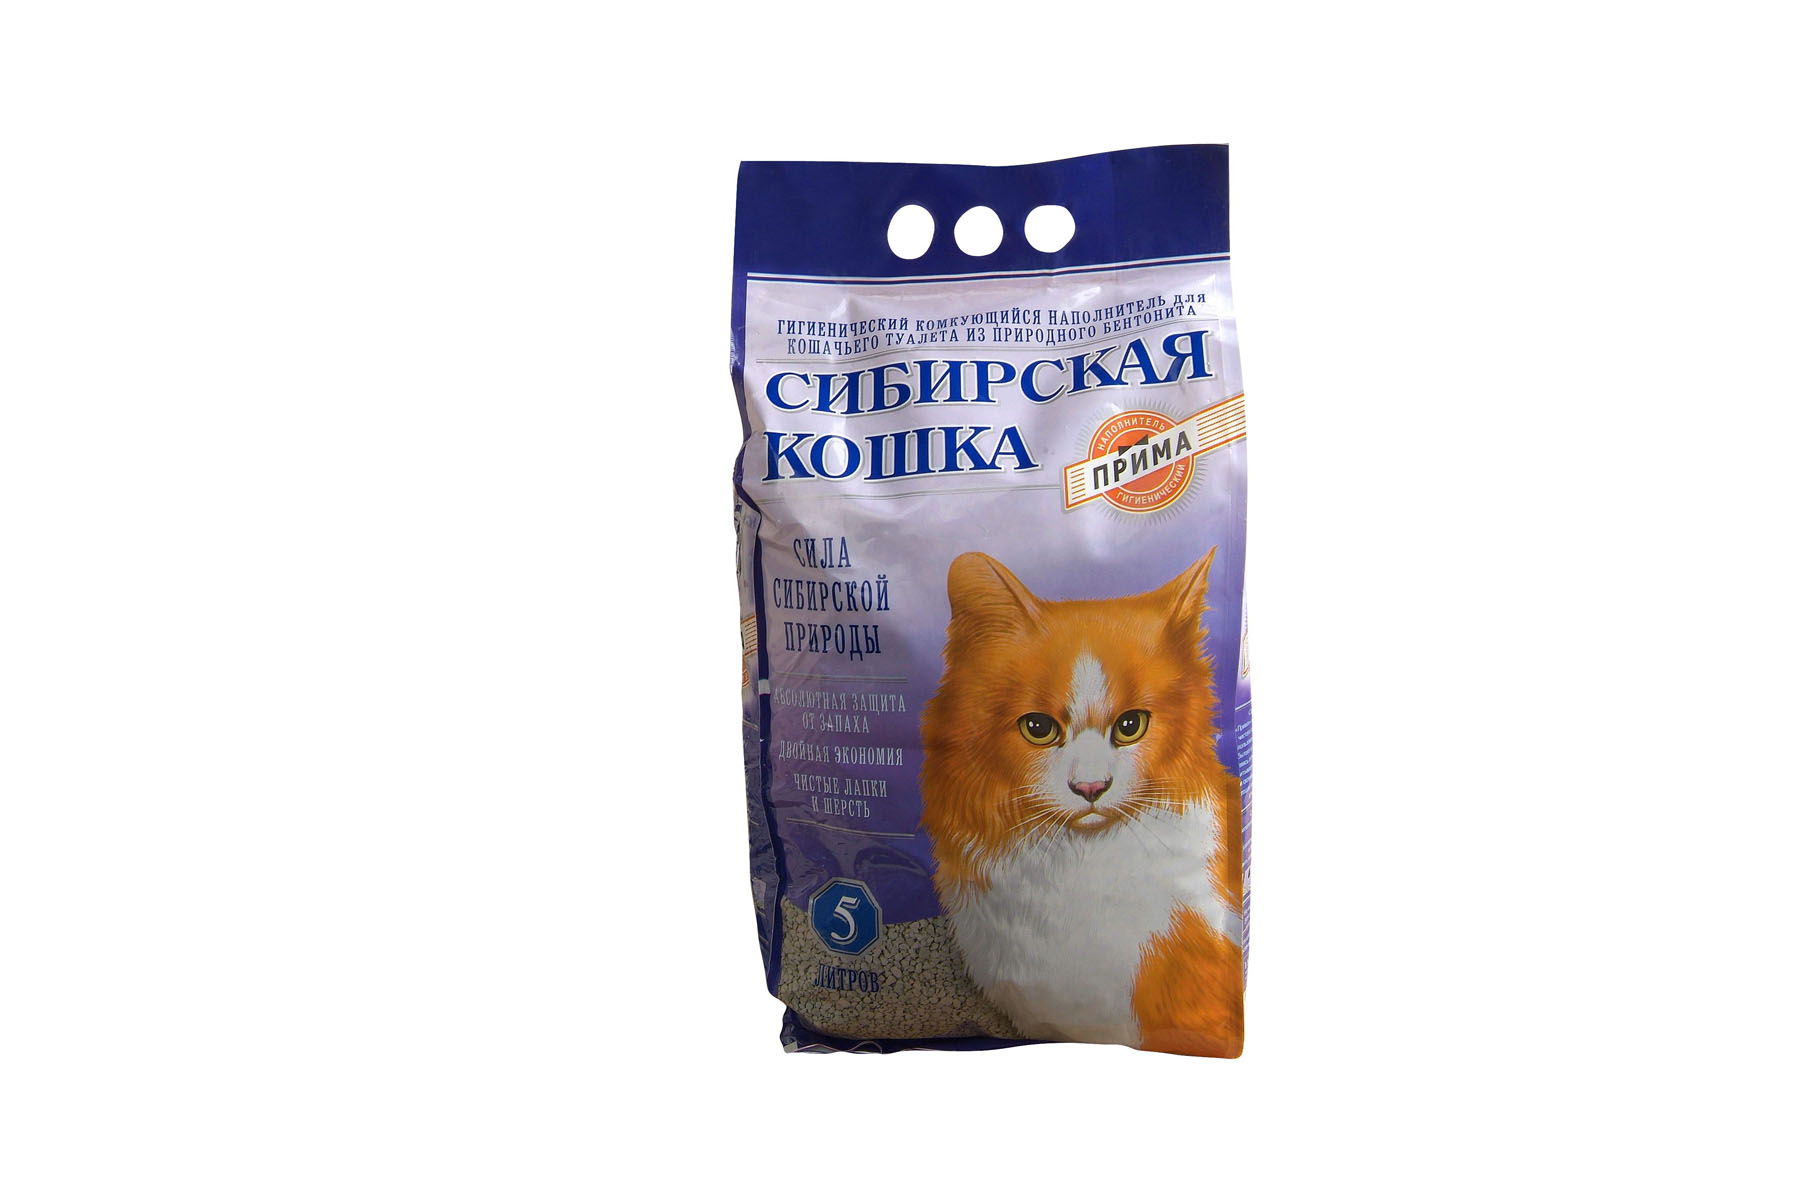 Наполнитель для кошачьих туалетов Сибирская Кошка Прима, 5 л наполнитель для кошачьих туалетов кошкин секрет древесный 2 5 кг